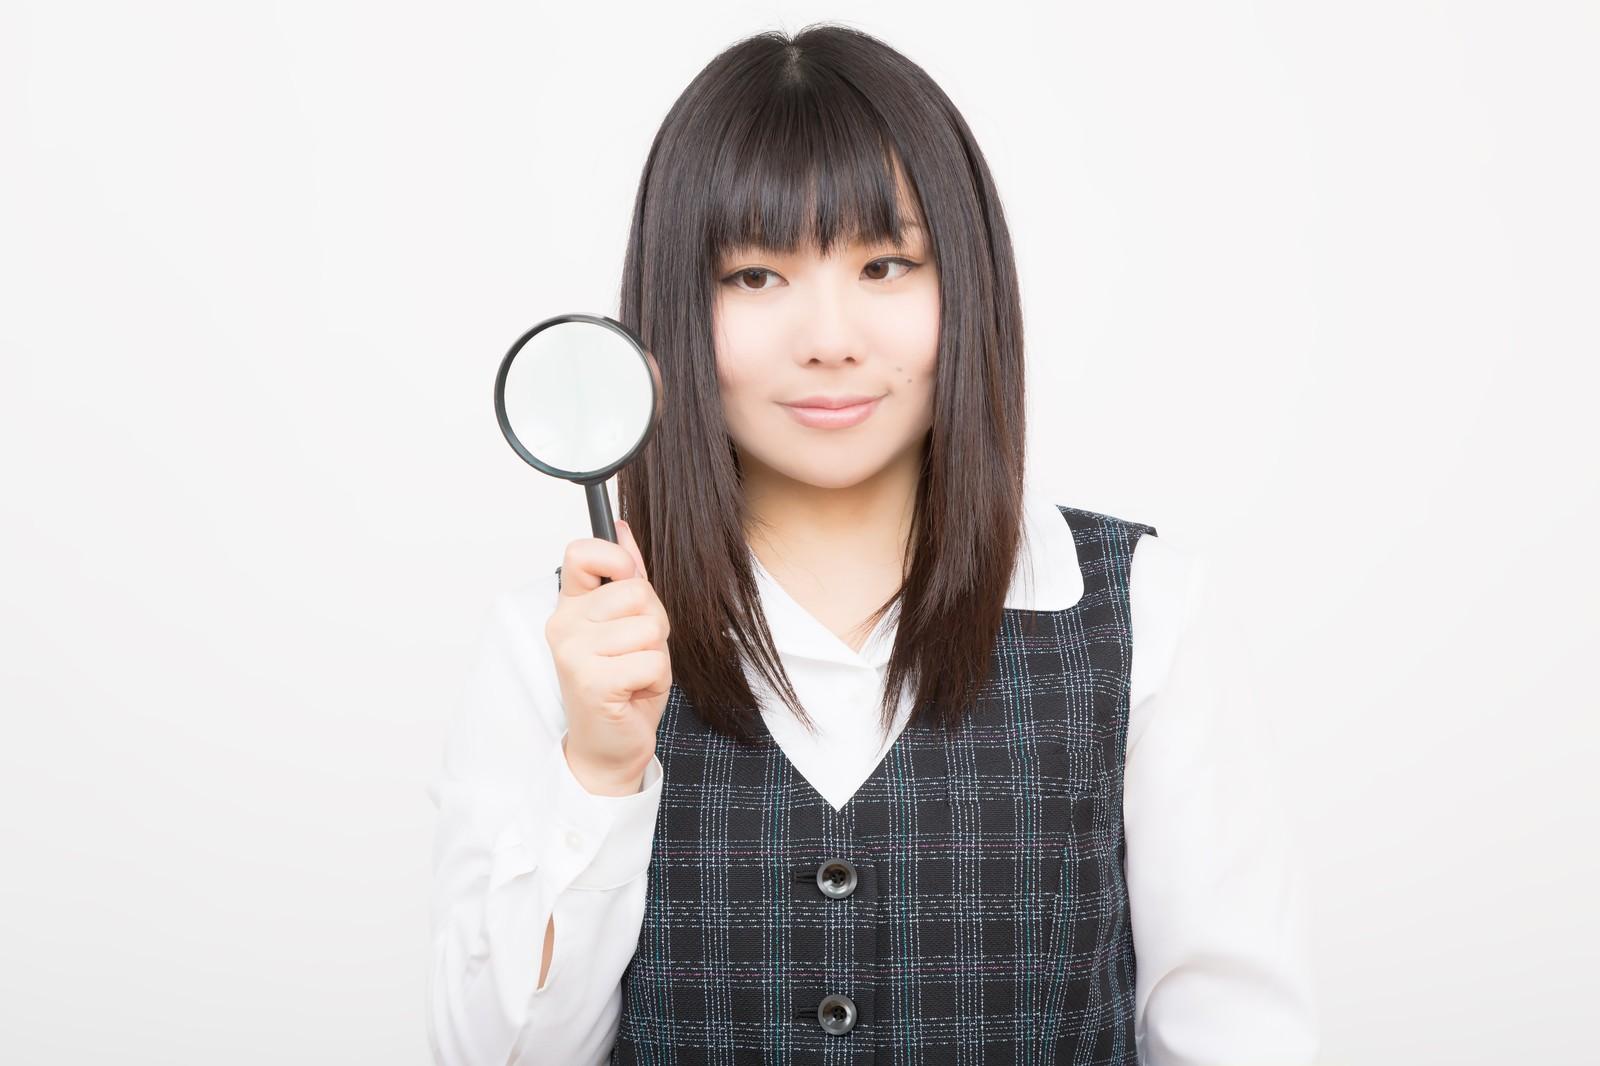 PAK85_lalakakudaikyouOL20140321_TP_V